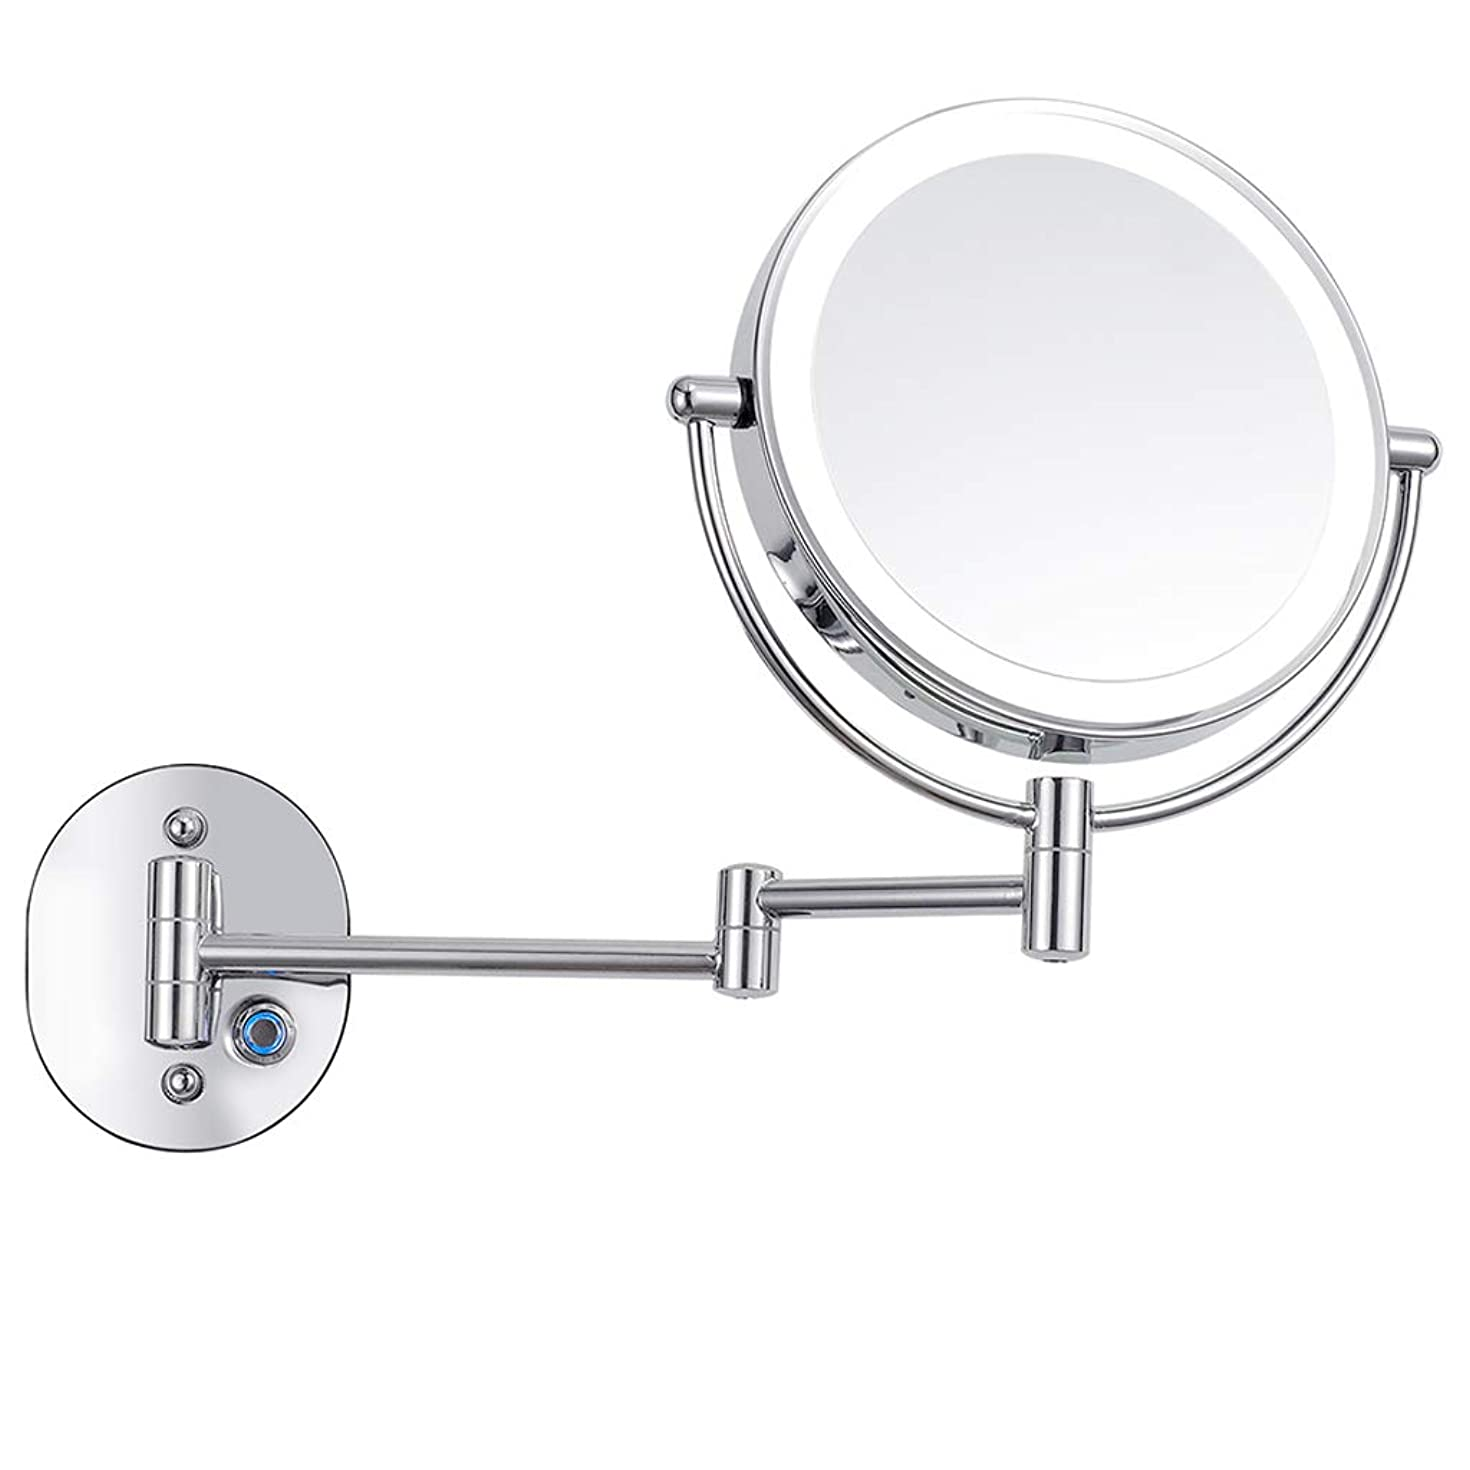 評議会クルーズ何十人もHUYYA シェービングミラー バスルームメイクアップミラー LEDライト付き、バニティミラー 壁付 化粧鏡 360度回転 両面 寝室や浴室に適しています,7x_Powered by Plug